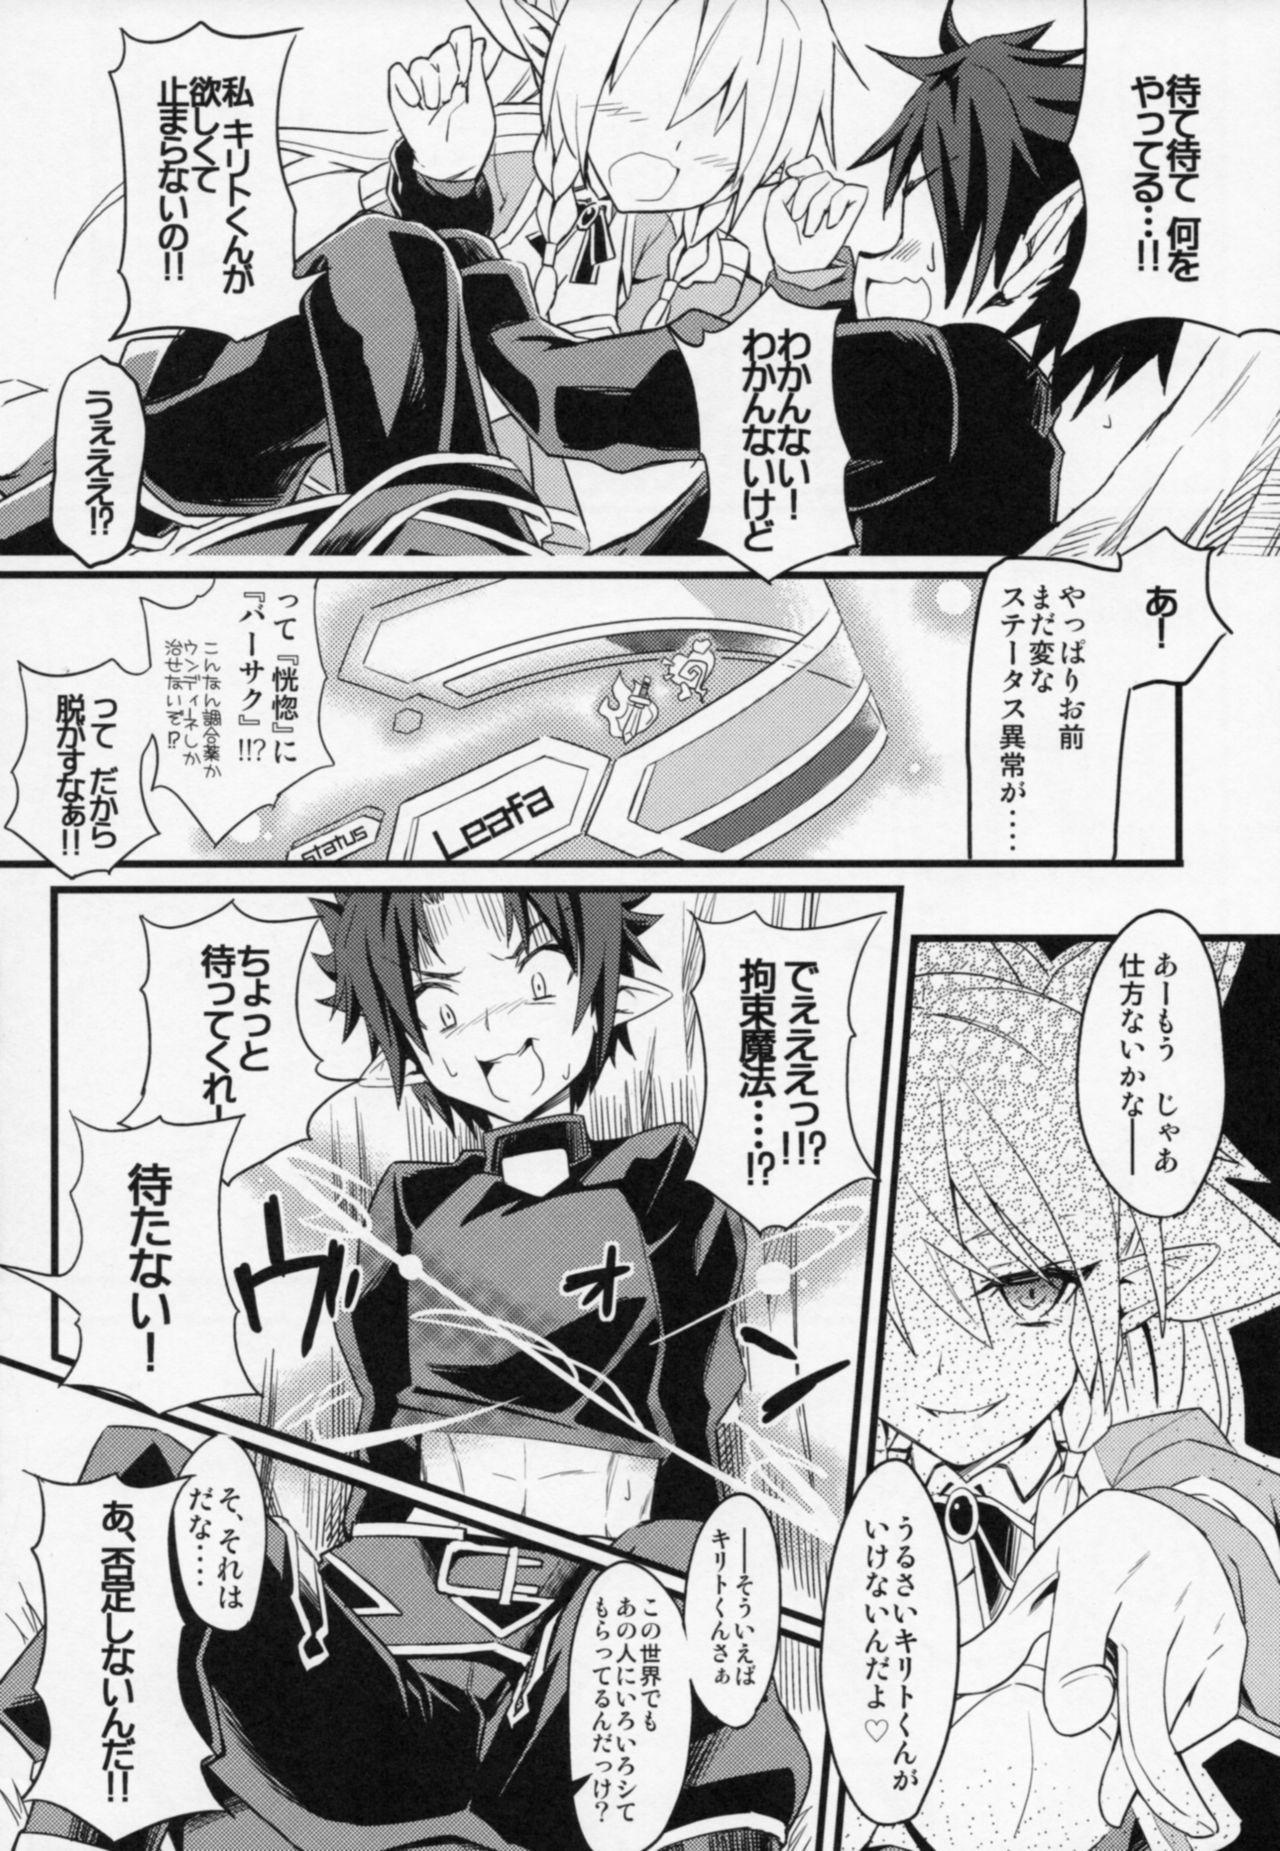 Leafa's∞Moment 14